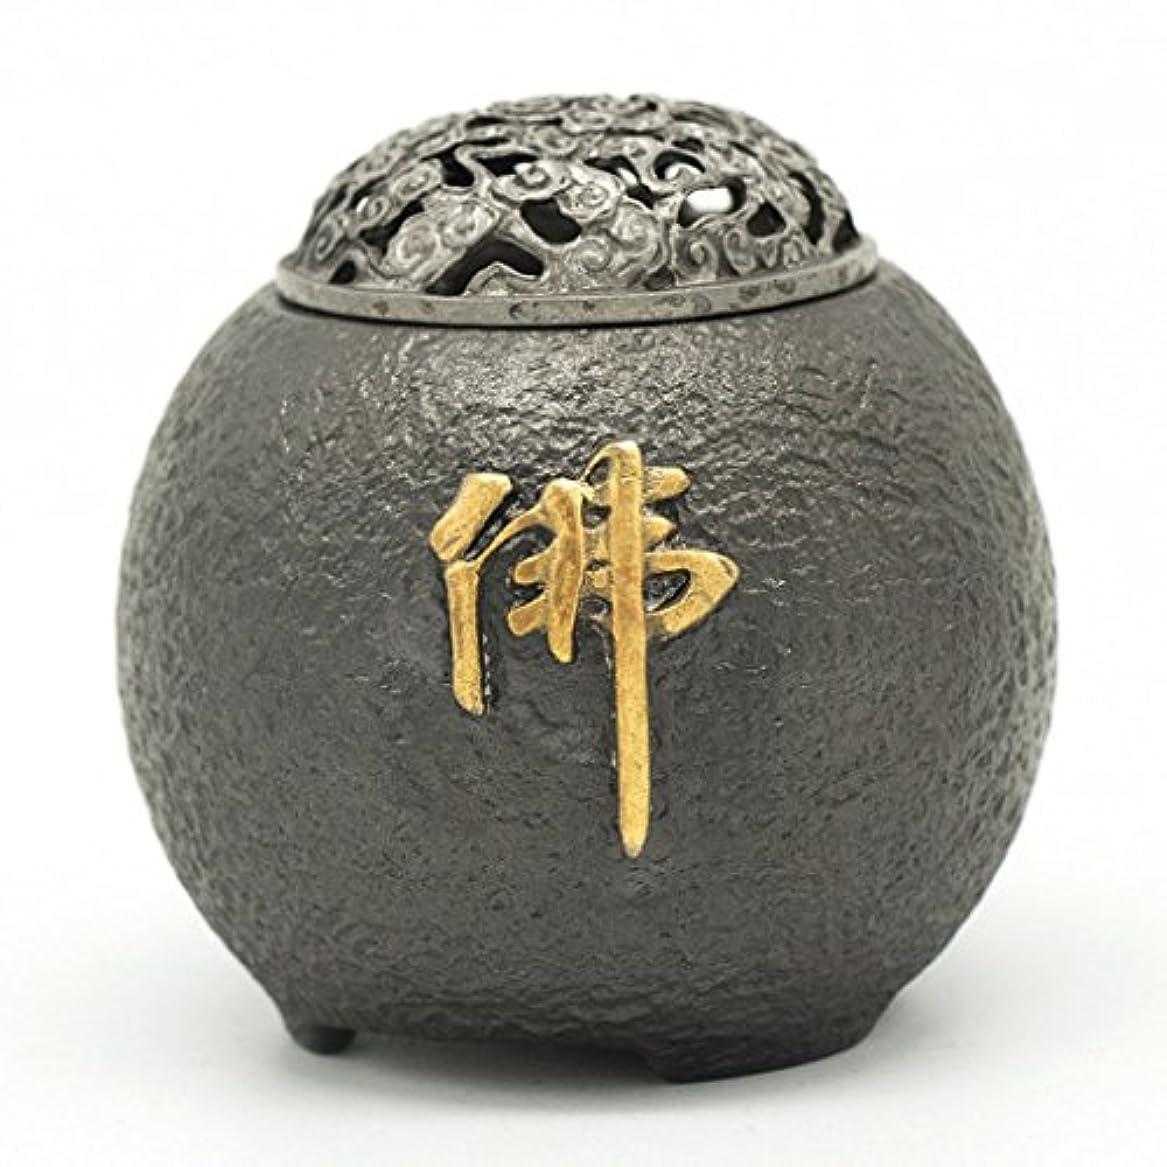 レモンフローティング交流する(ラシューバー) Lasuiveur 陶磁器 香炉 香立て 線香立て お香立て